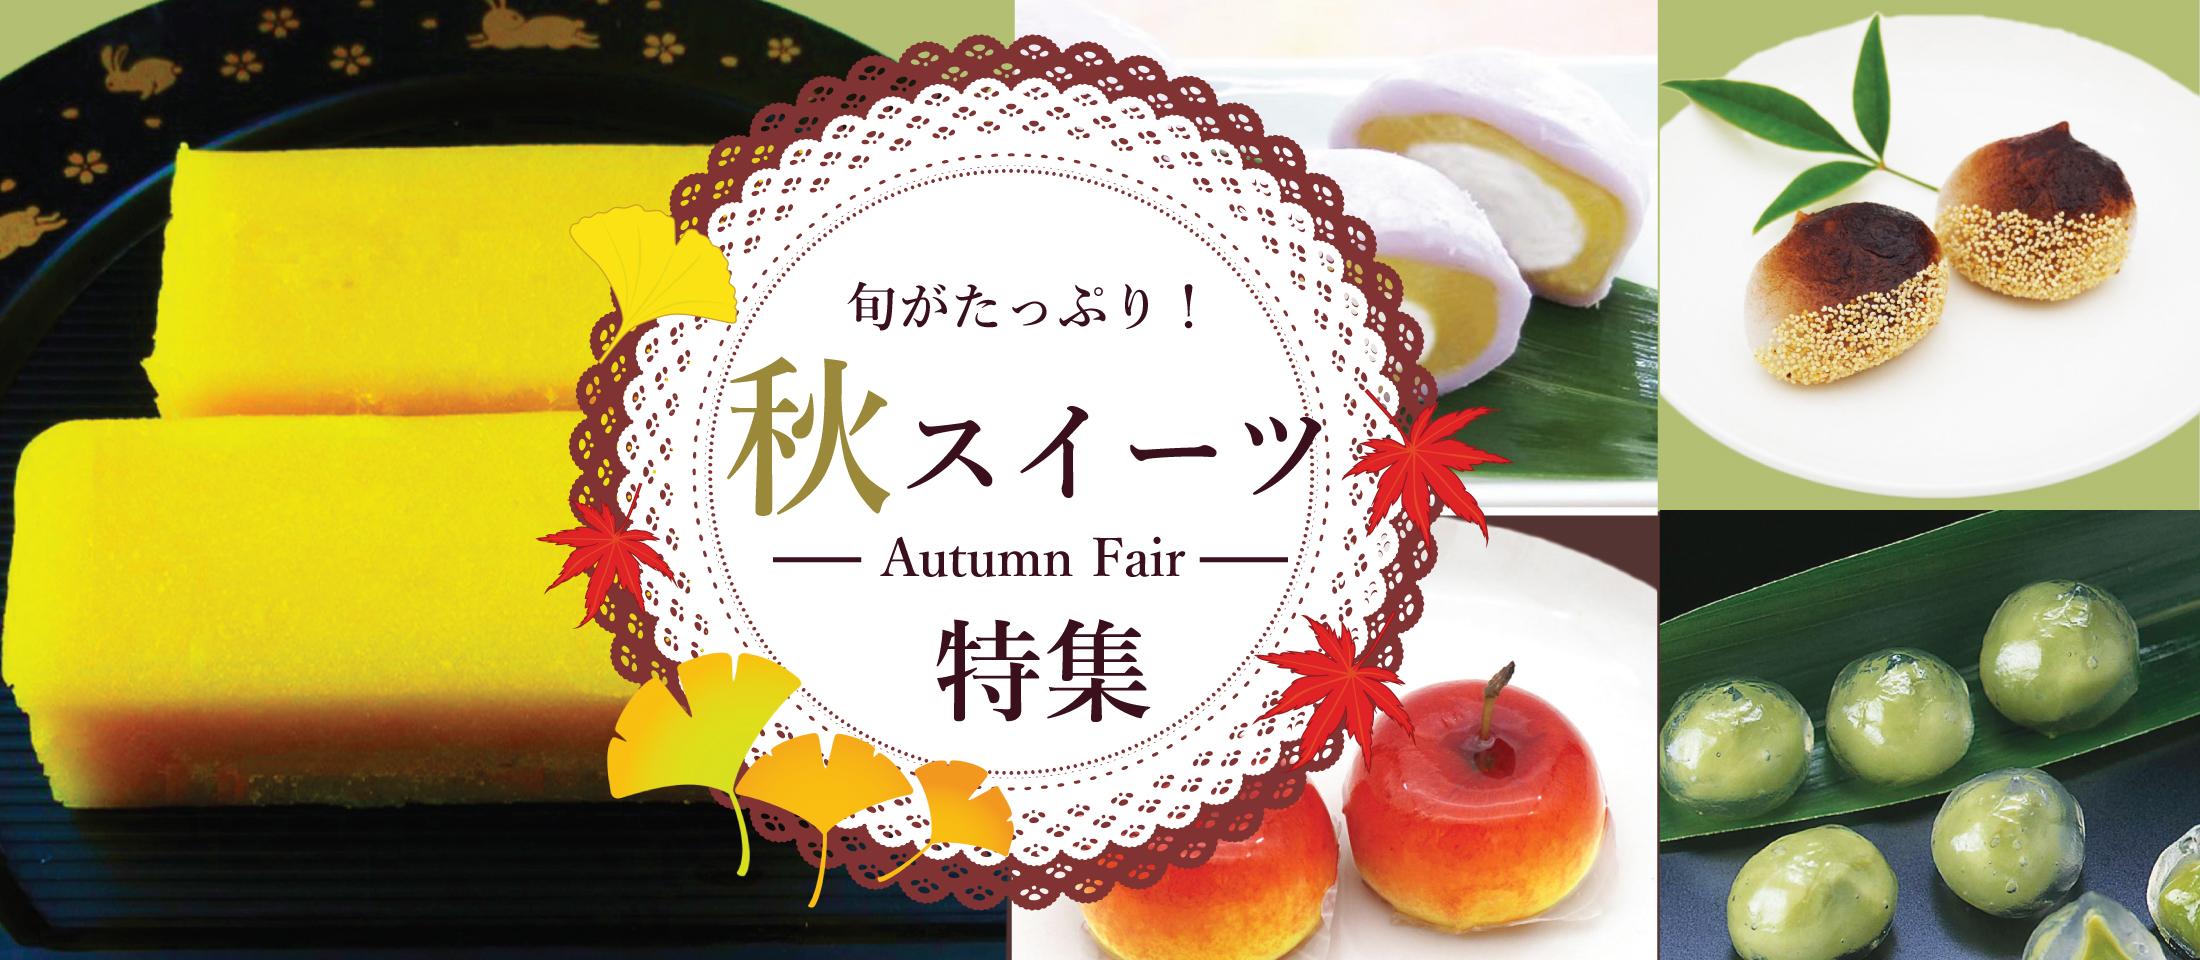 ナカヤマフーズ 和菓子 スイーツ 食品・冷凍食品・業務用食品の通販  ナカヤマフーズ